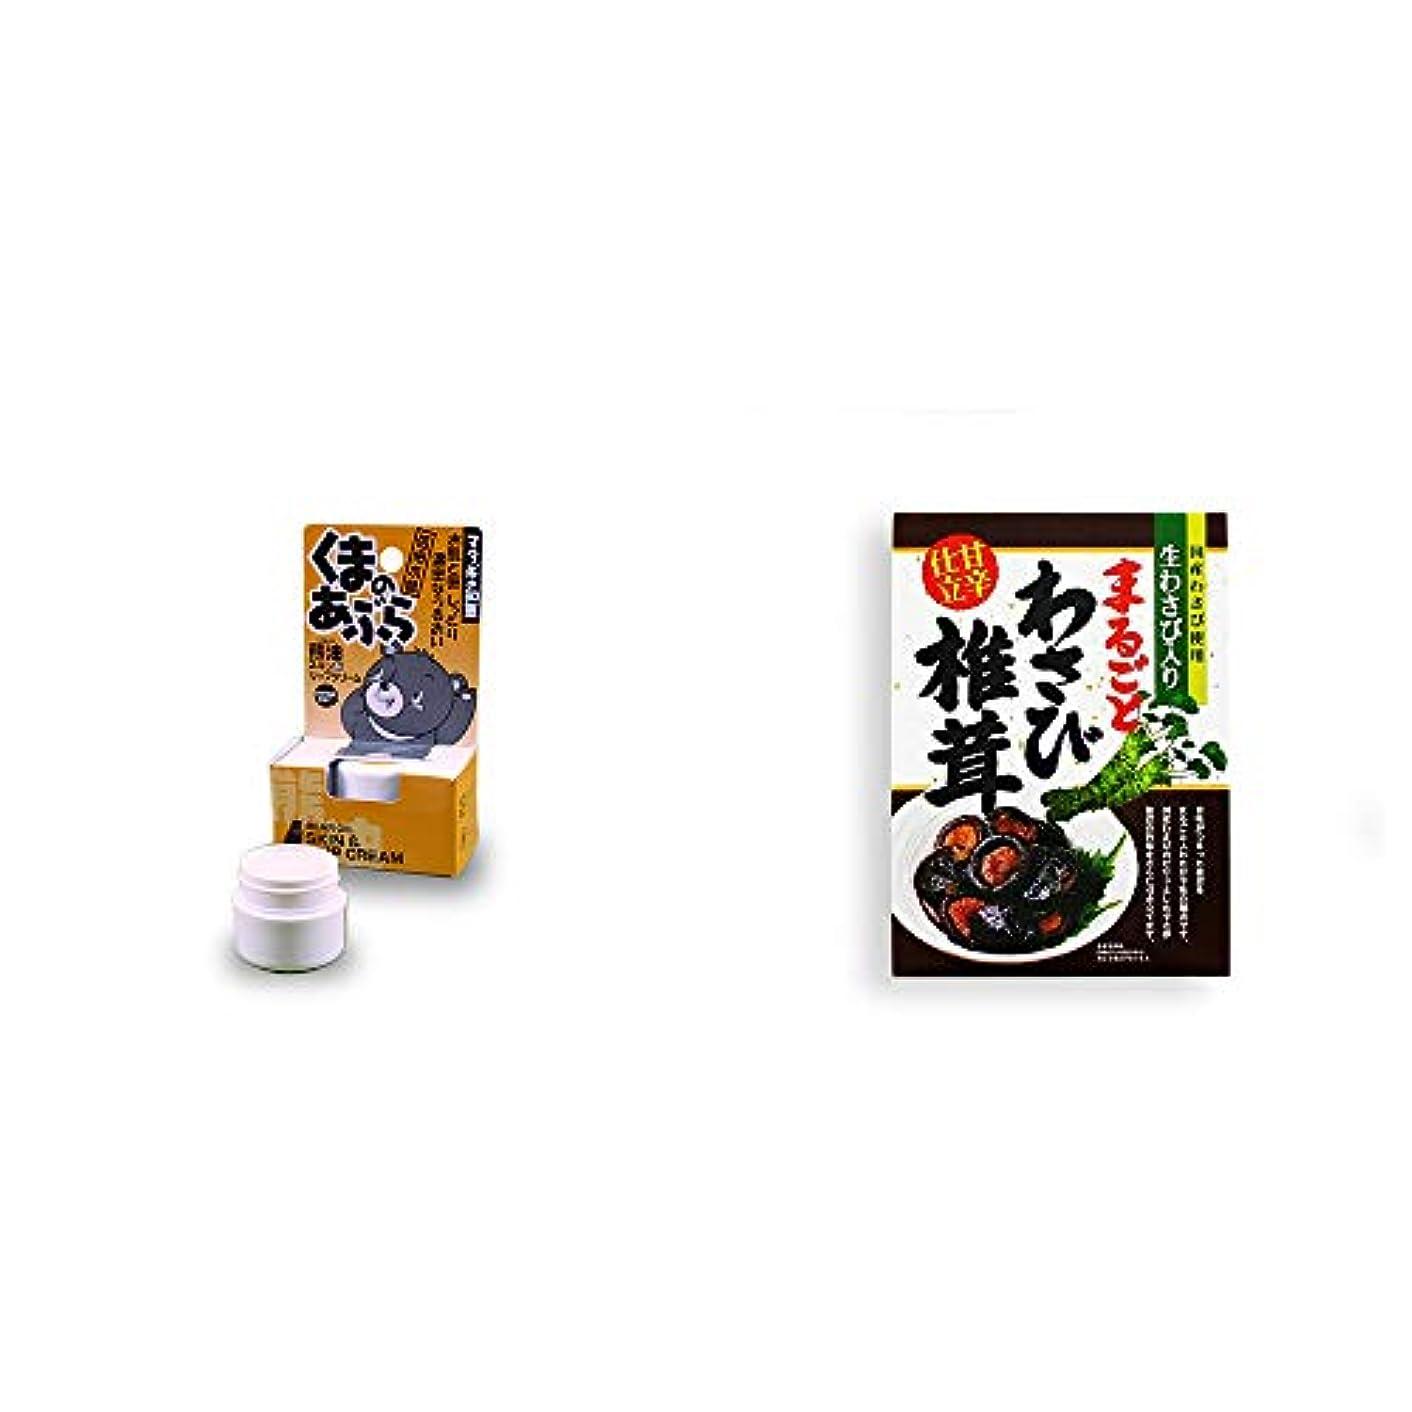 原油コンパクトキャンペーン[2点セット] 信州木曽 くまのあぶら 熊油スキン&リップクリーム(9g)?まるごとわさび椎茸(200g)